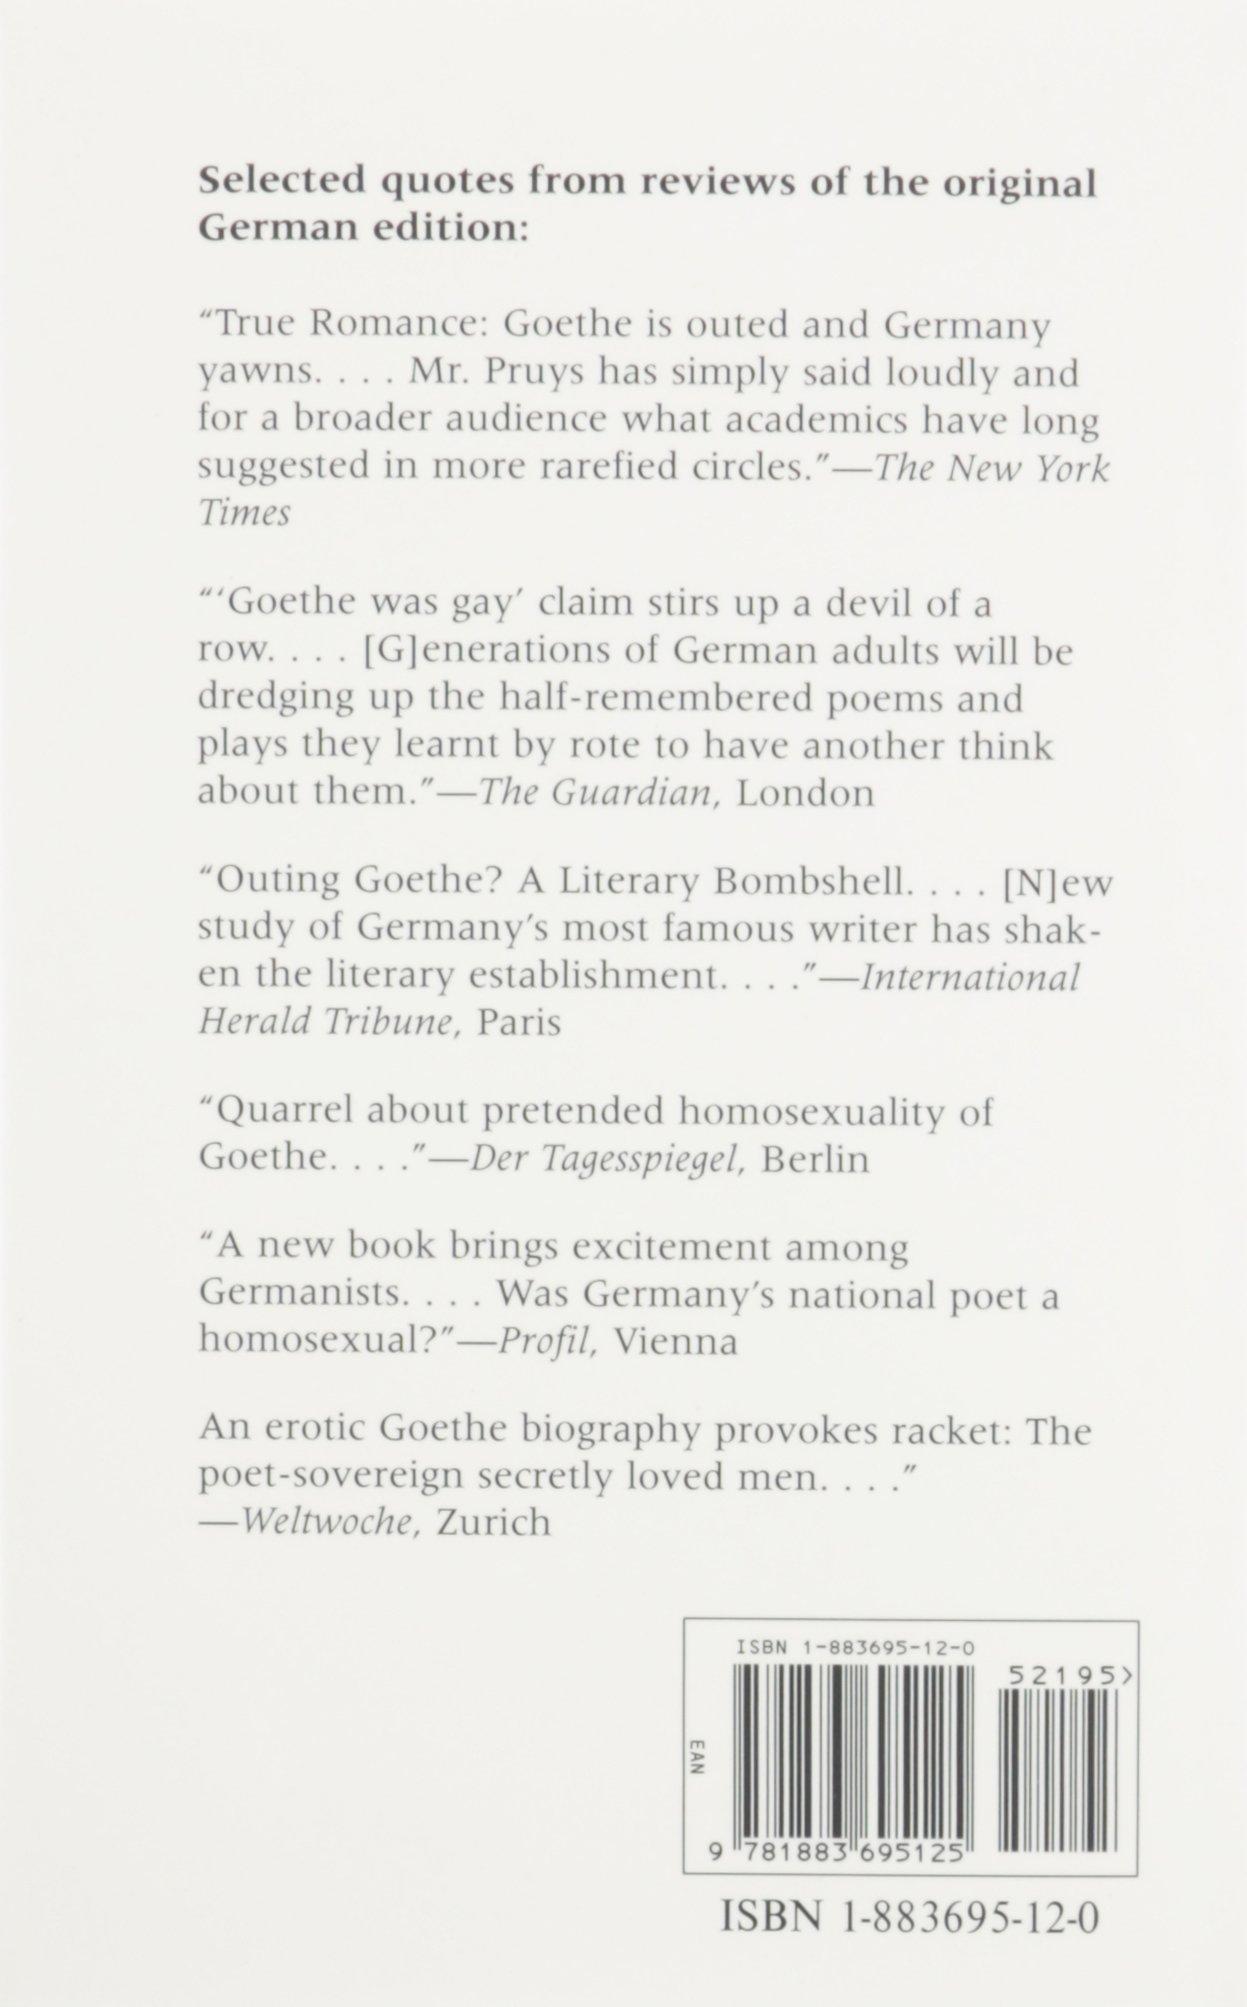 Goethe Quotes In German 75786 Loadtve